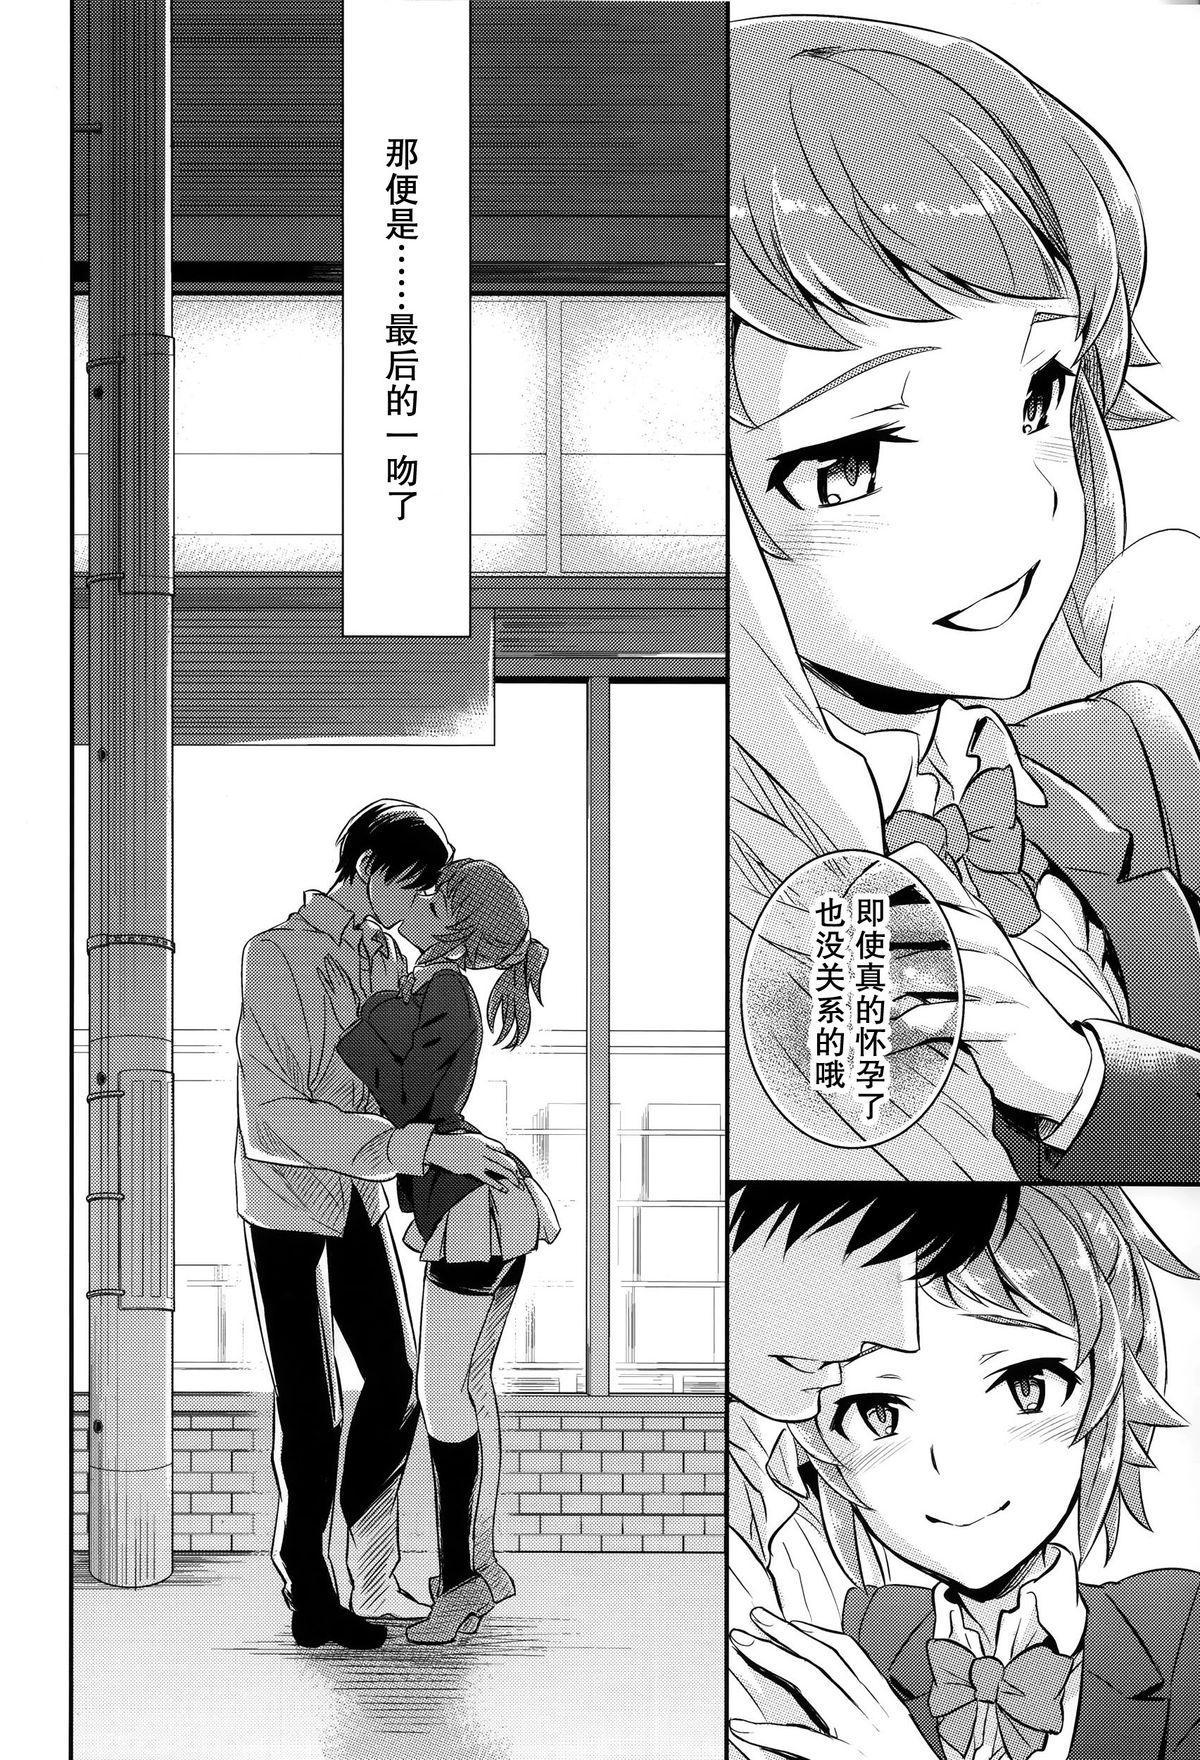 (C87) [Crazy9 (Ichitaka)] C9-15 Fumina-senpai to Mob Onii-chan (Gundam Build Fighters Try) [Chinese] [无毒汉化组] 27